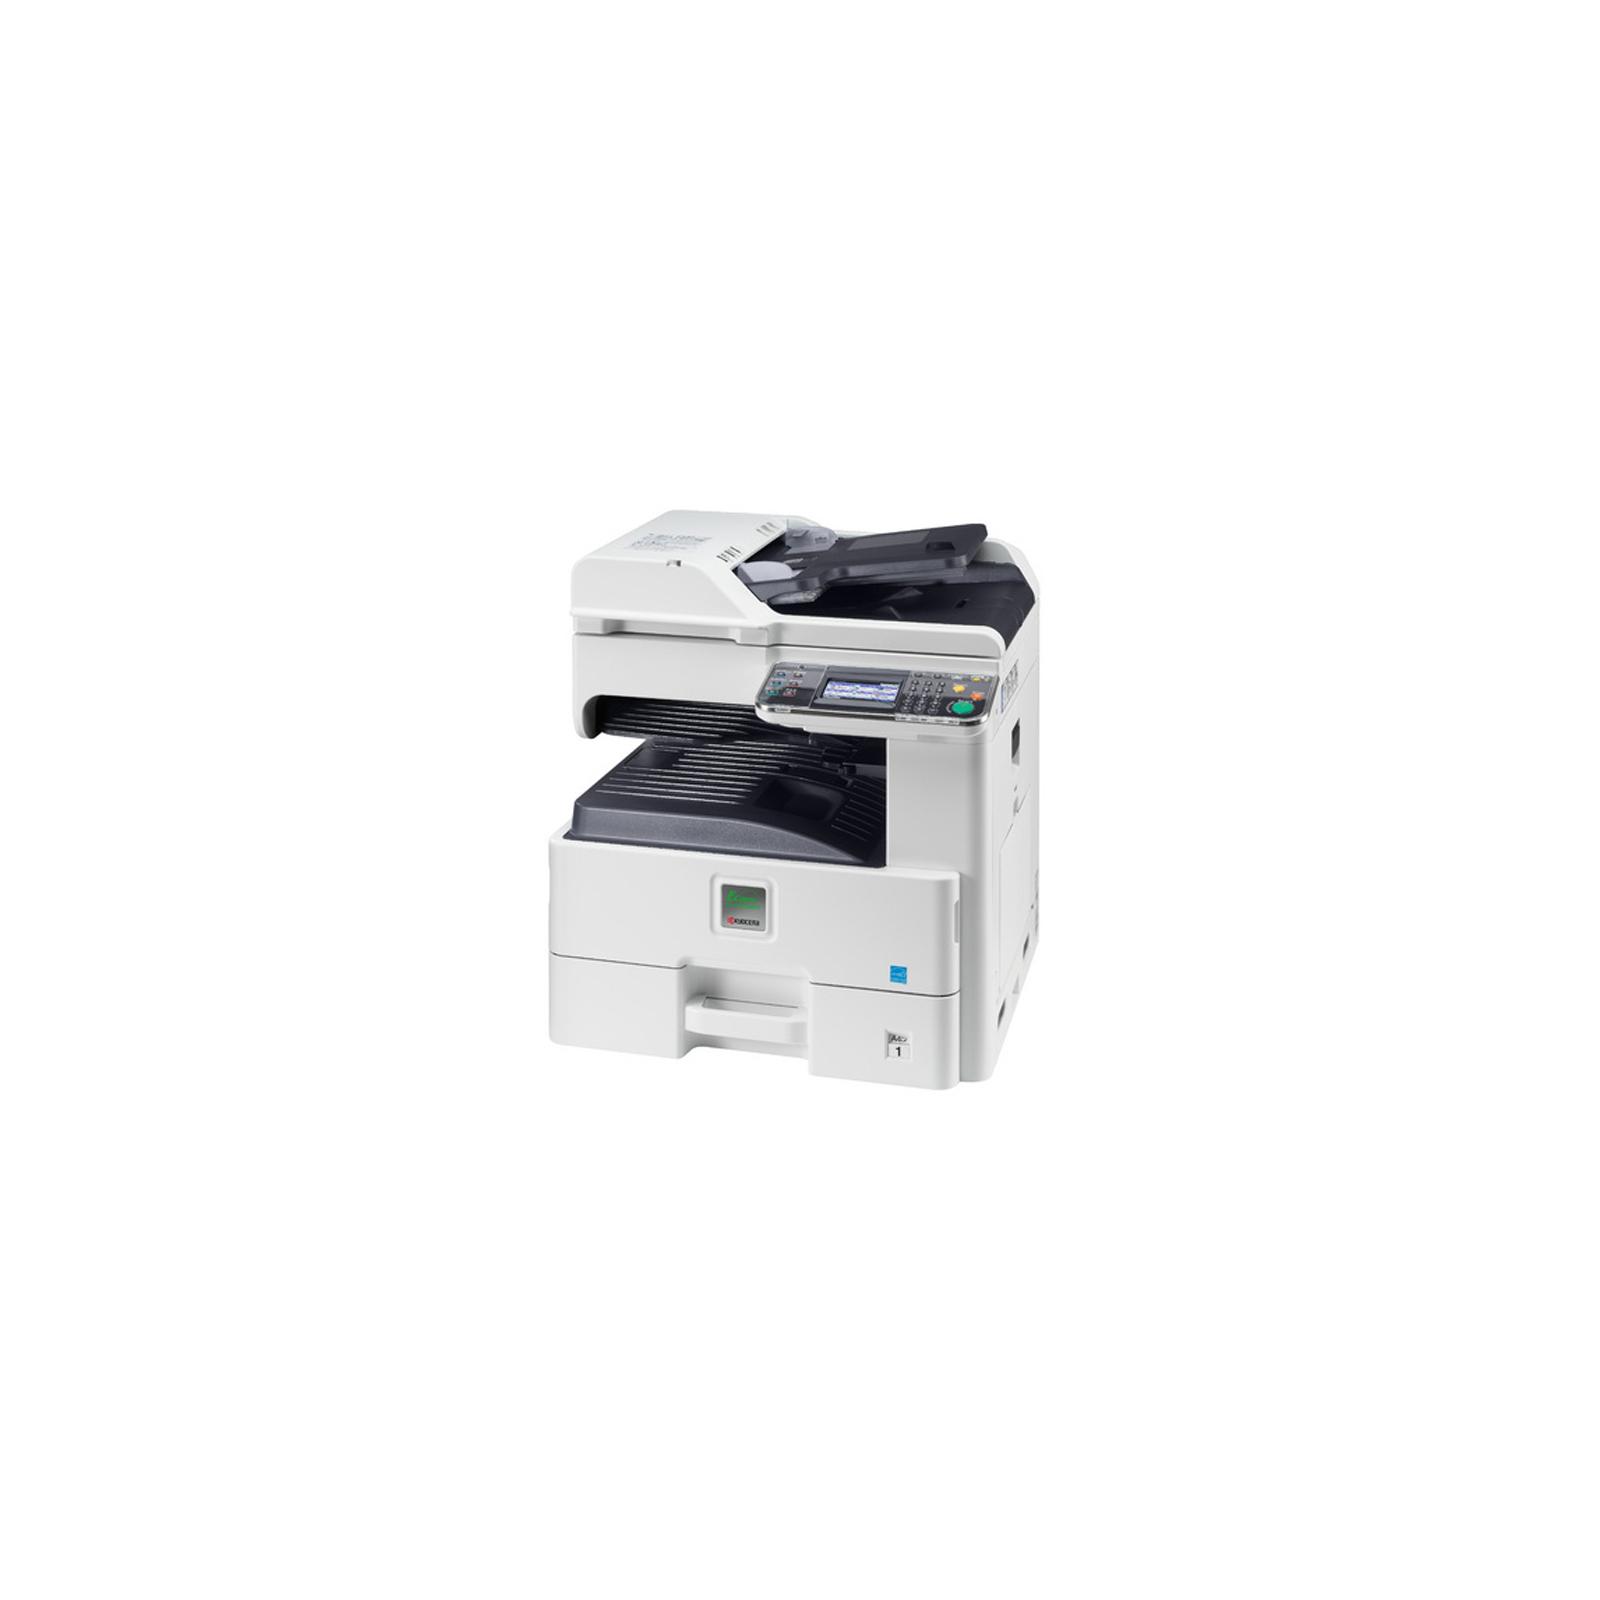 Многофункциональное устройство Kyocera FS-6525 MFP (1102MX3NL2)